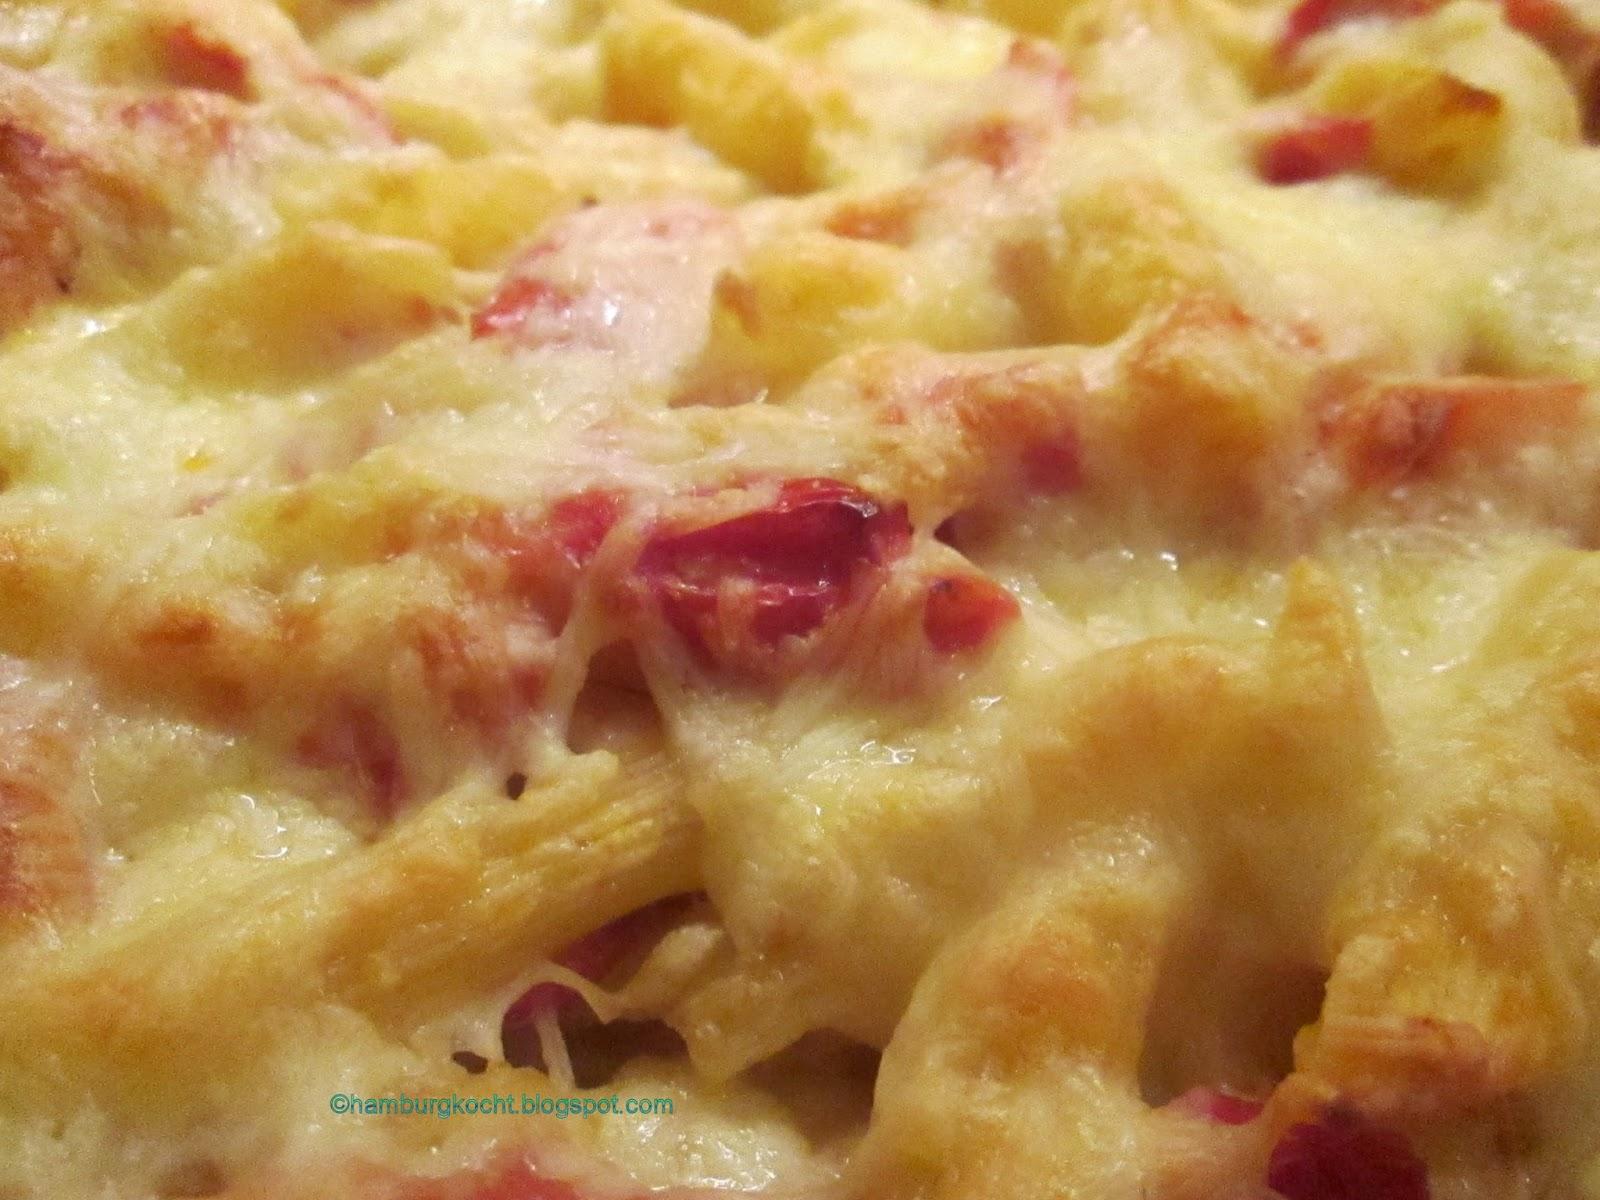 Hamburg kocht kochen ohne t te tomaten k se makkaroni for Kochen ohne salz